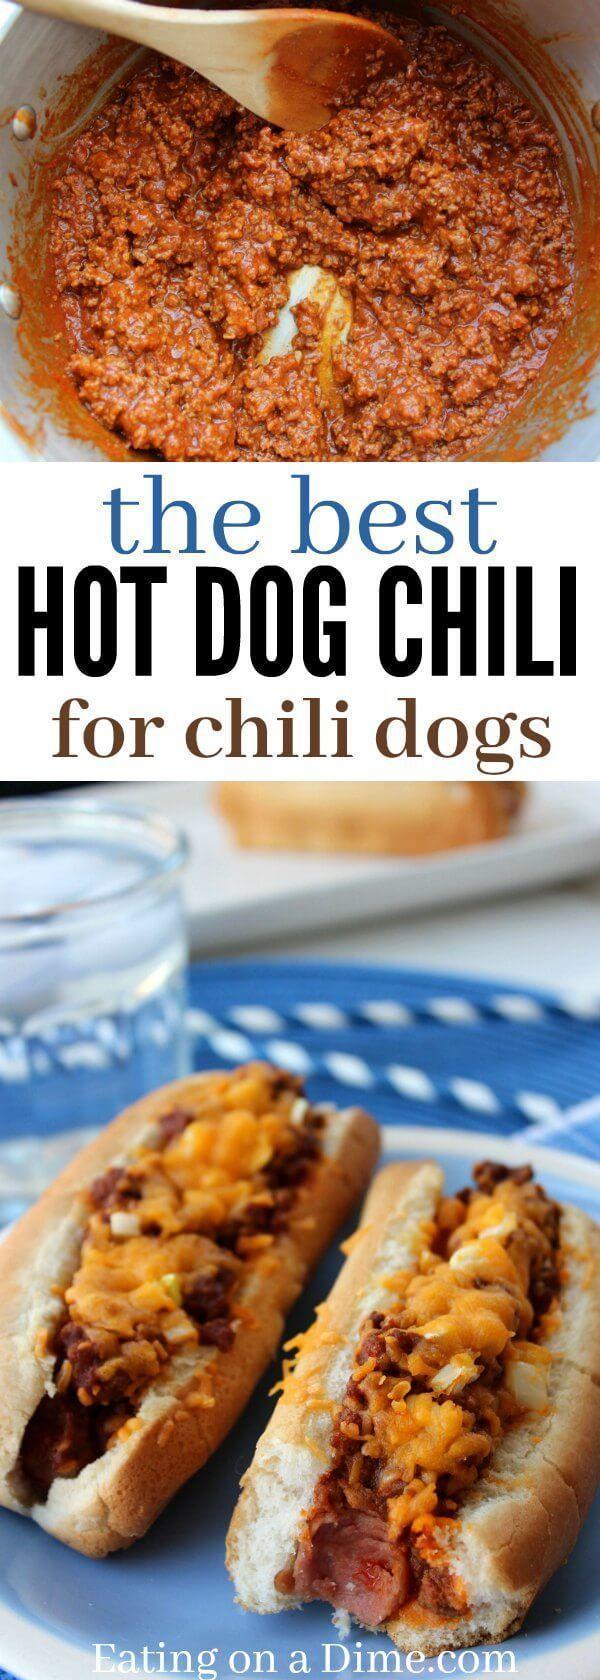 The Best Hot Dog Chili #chilirecipe